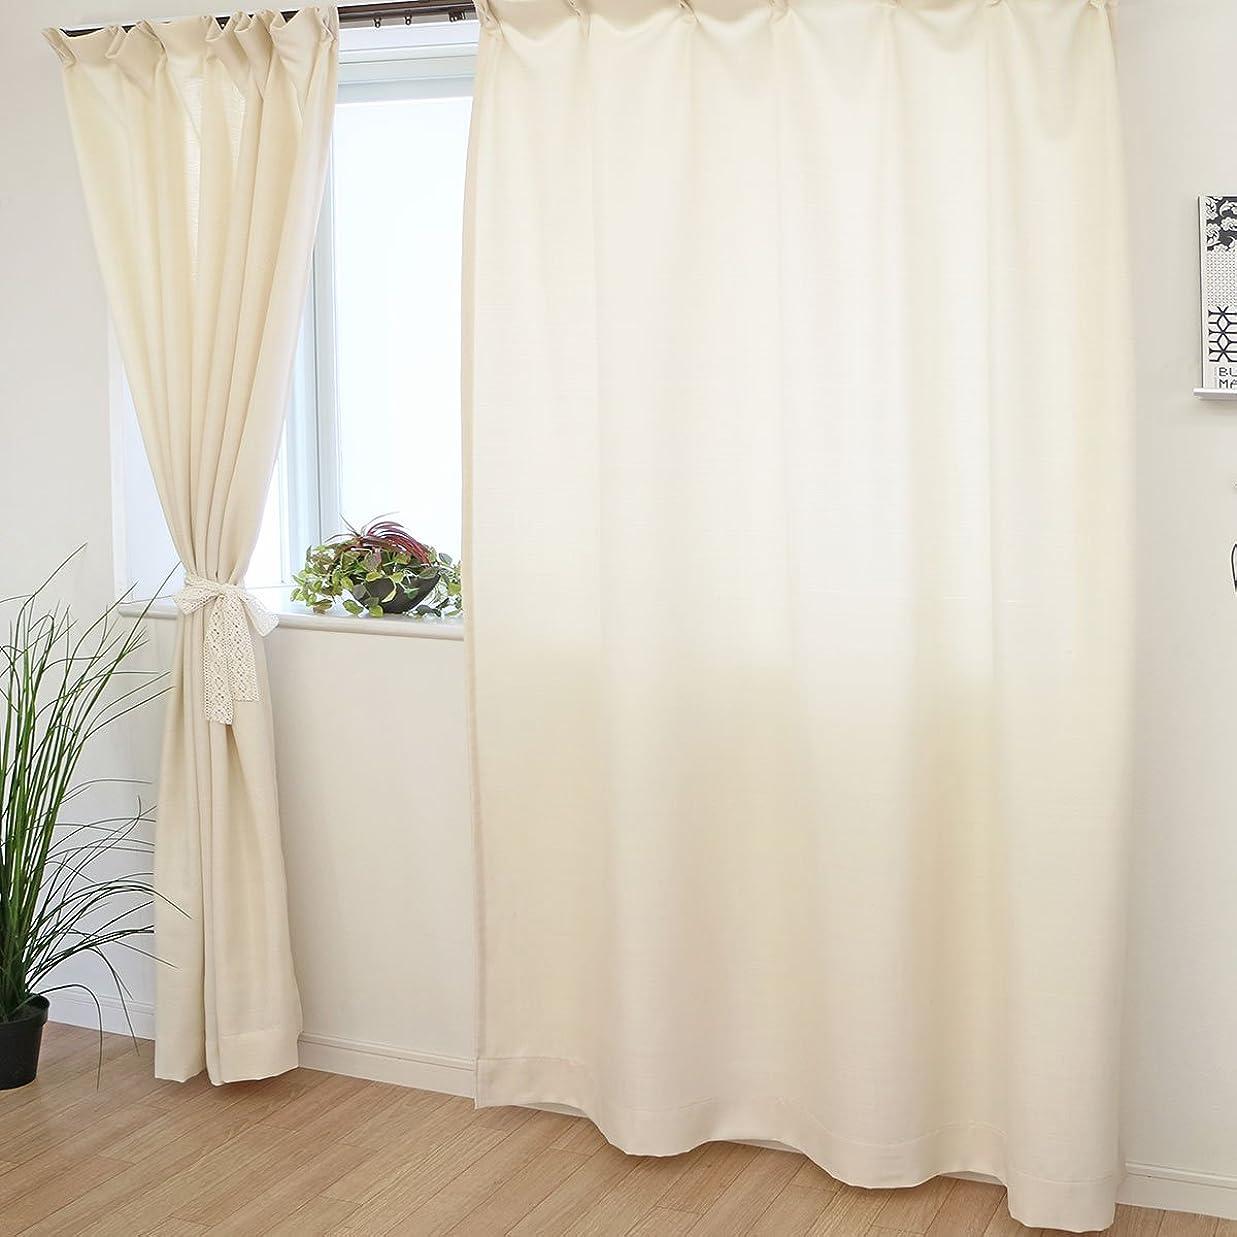 切手額それらPonoa(ポノア) 高級 刺繍 レースカーテン アジャスターフック付き 花柄 北欧 西洋風 ボイルカーテン